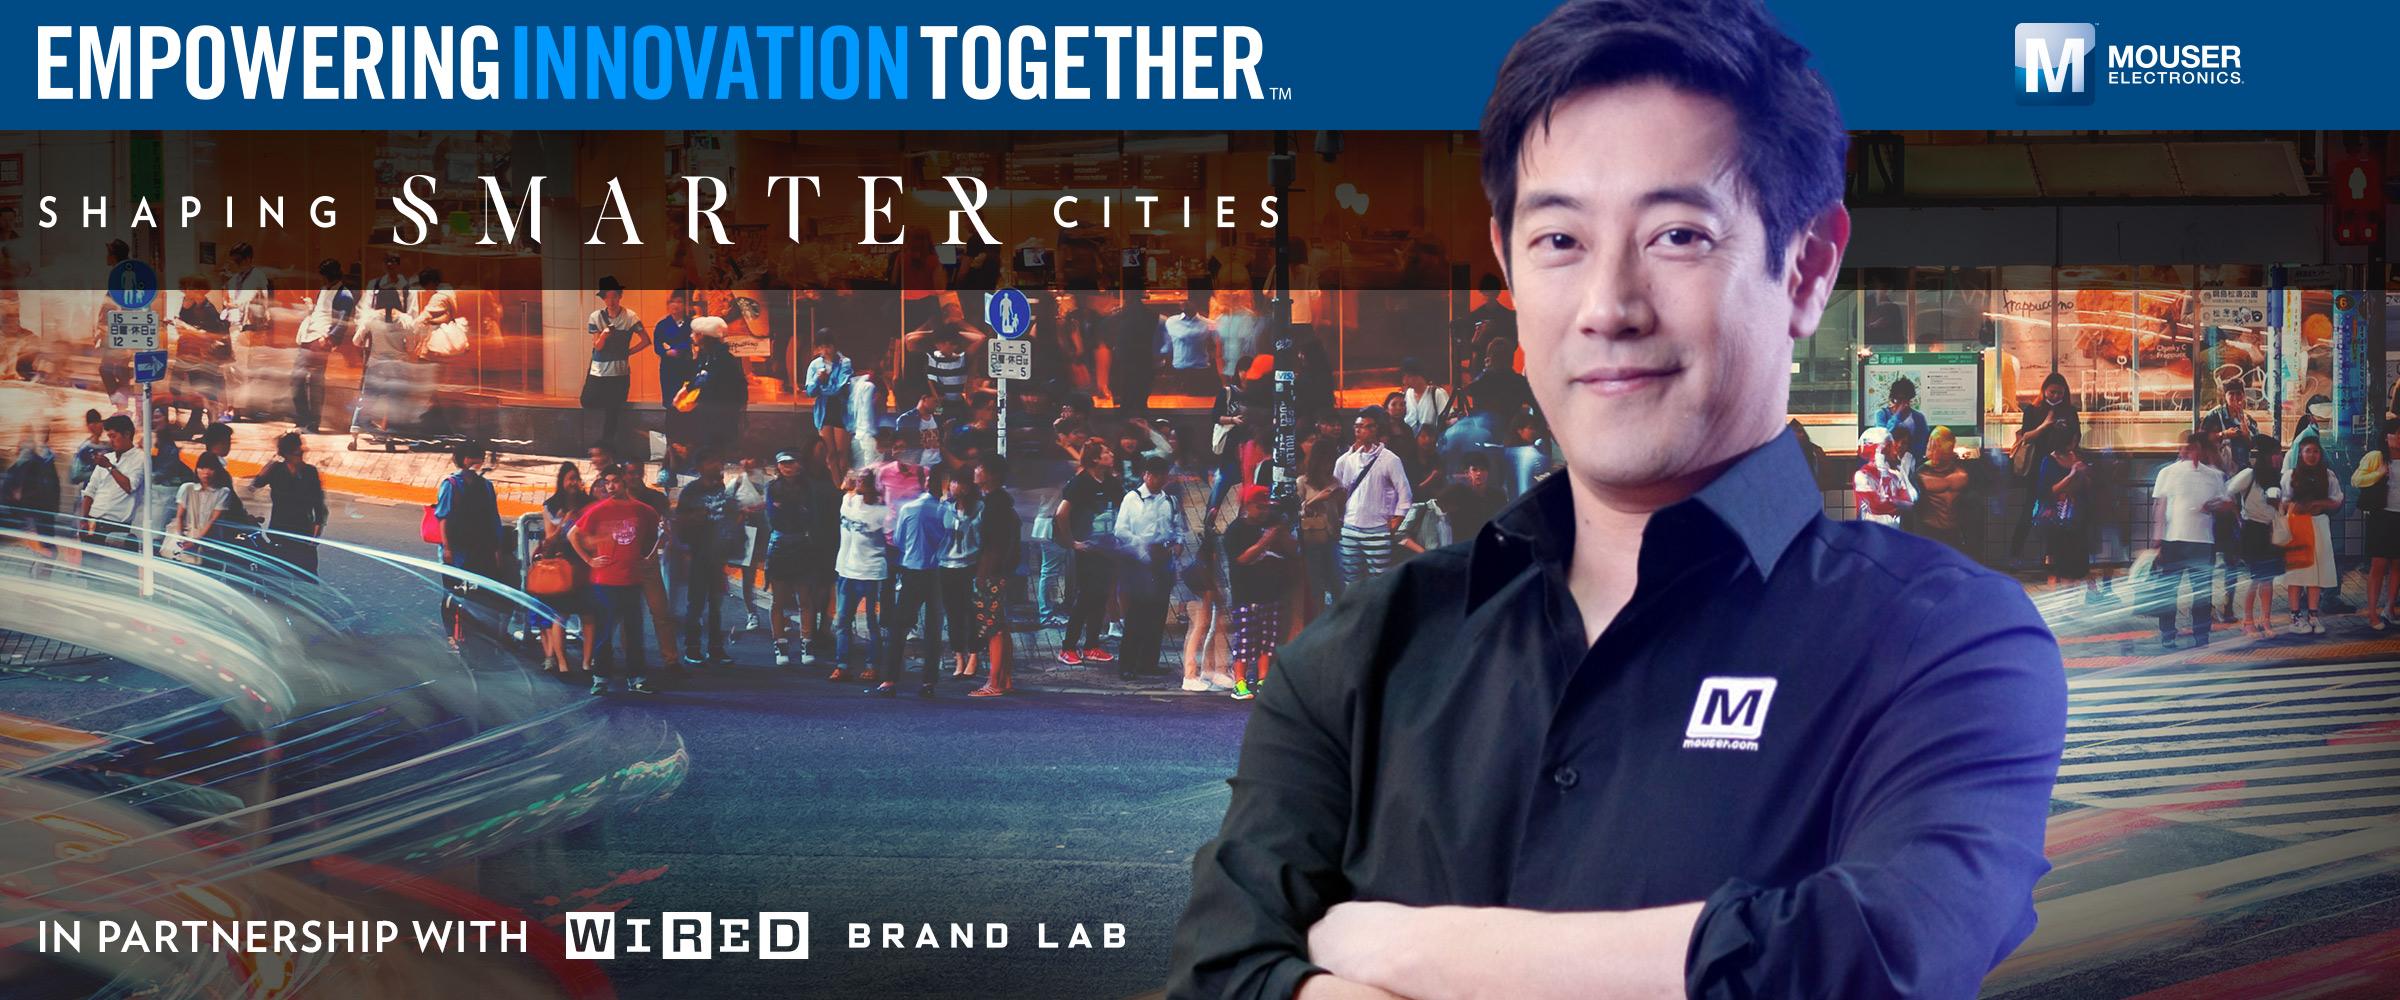 eit-2017-smarter-cities-pr-hires